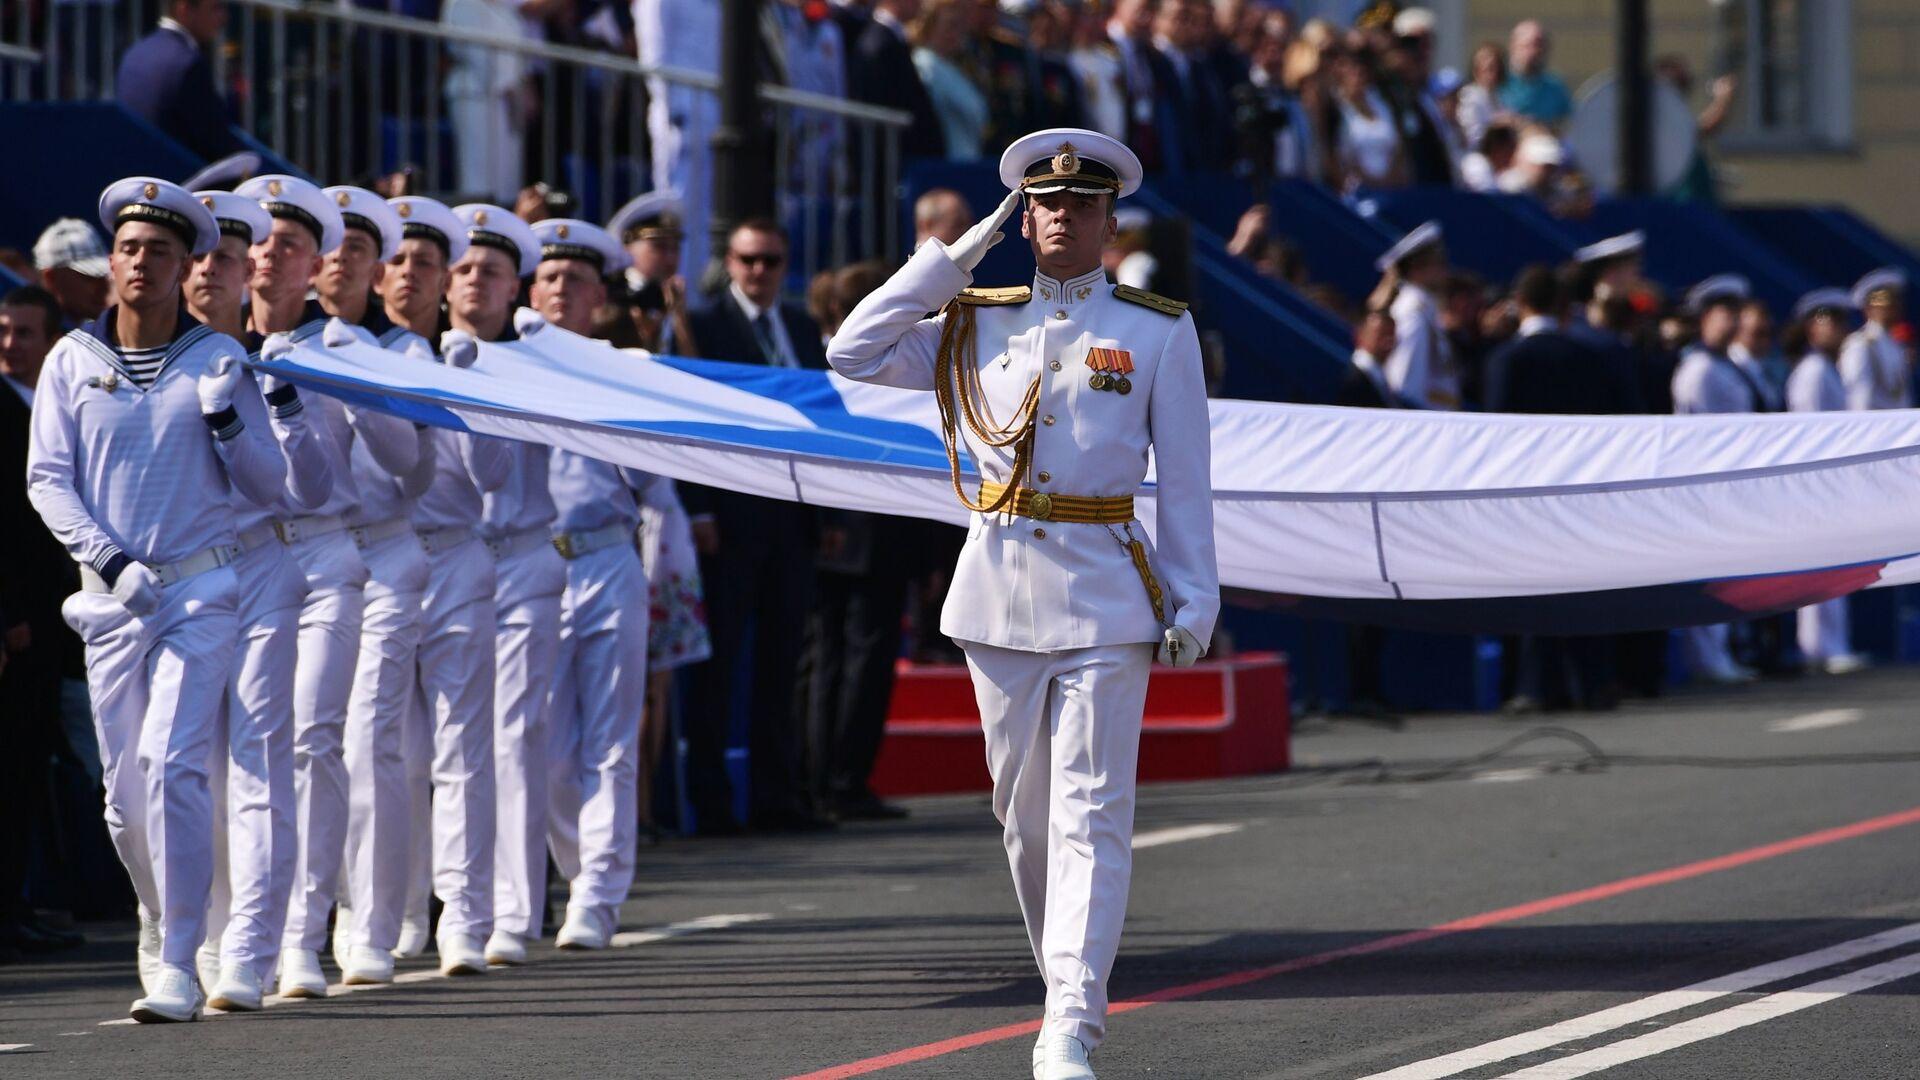 Vojna parada posvećena danu Ratne mornarice Rusije - Sputnik Srbija, 1920, 08.10.2021